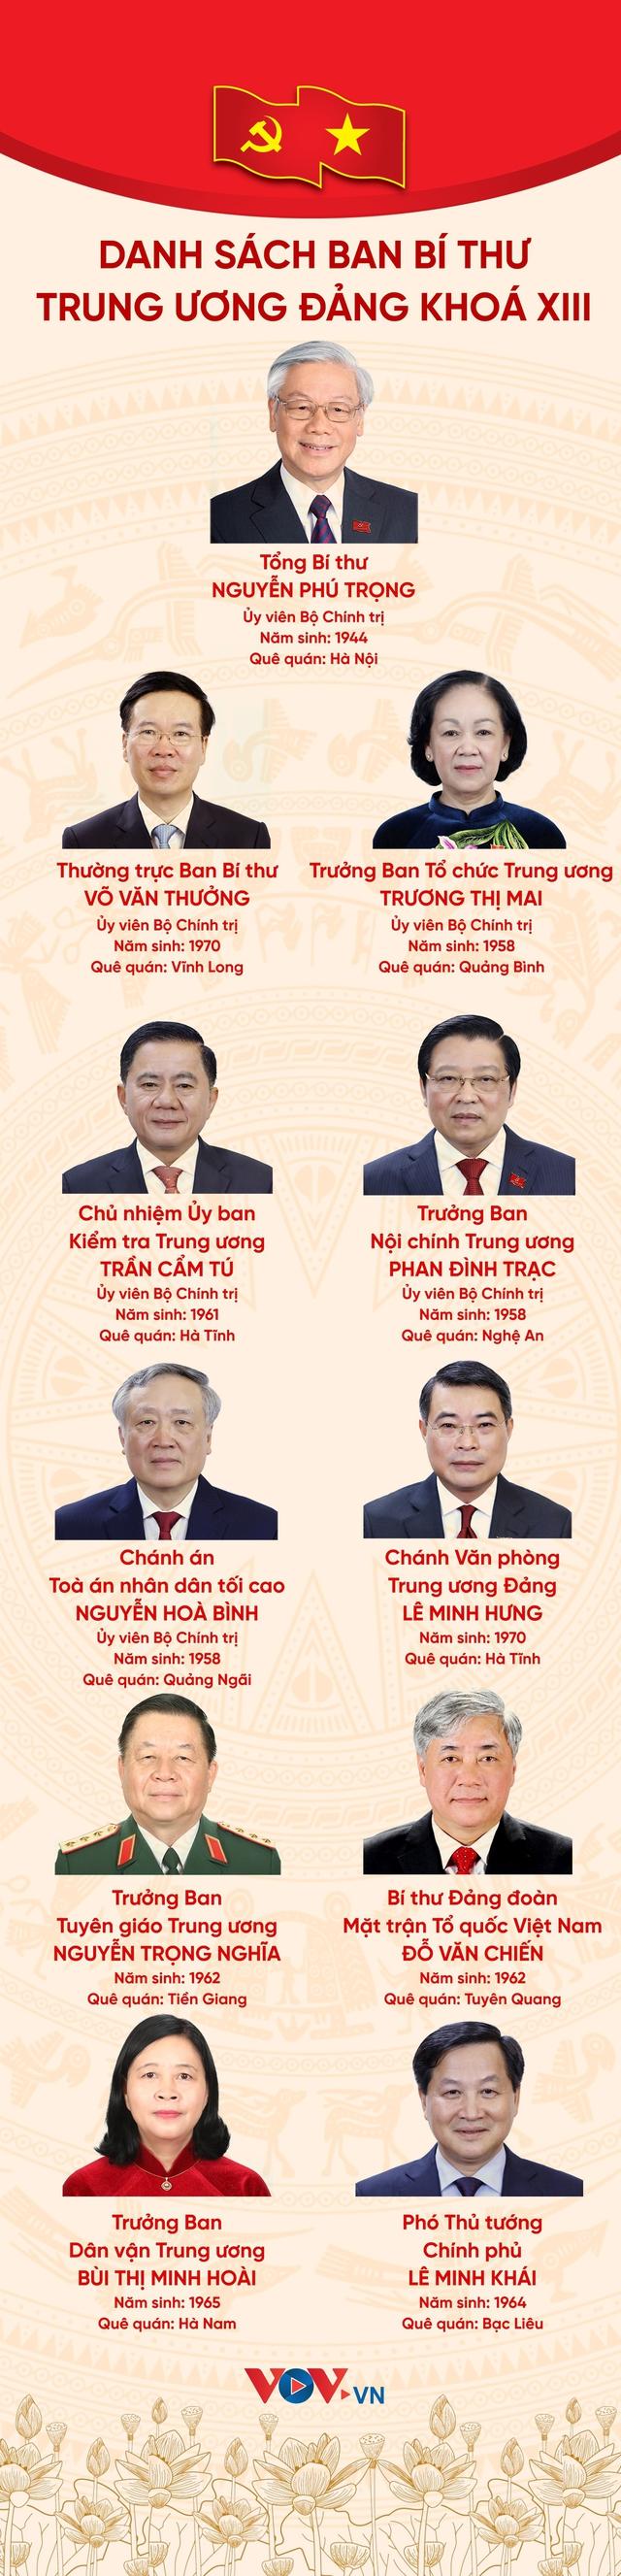 Danh sách Ban Bí thư Trung ương Đảng khoá XIII - Ảnh 1.